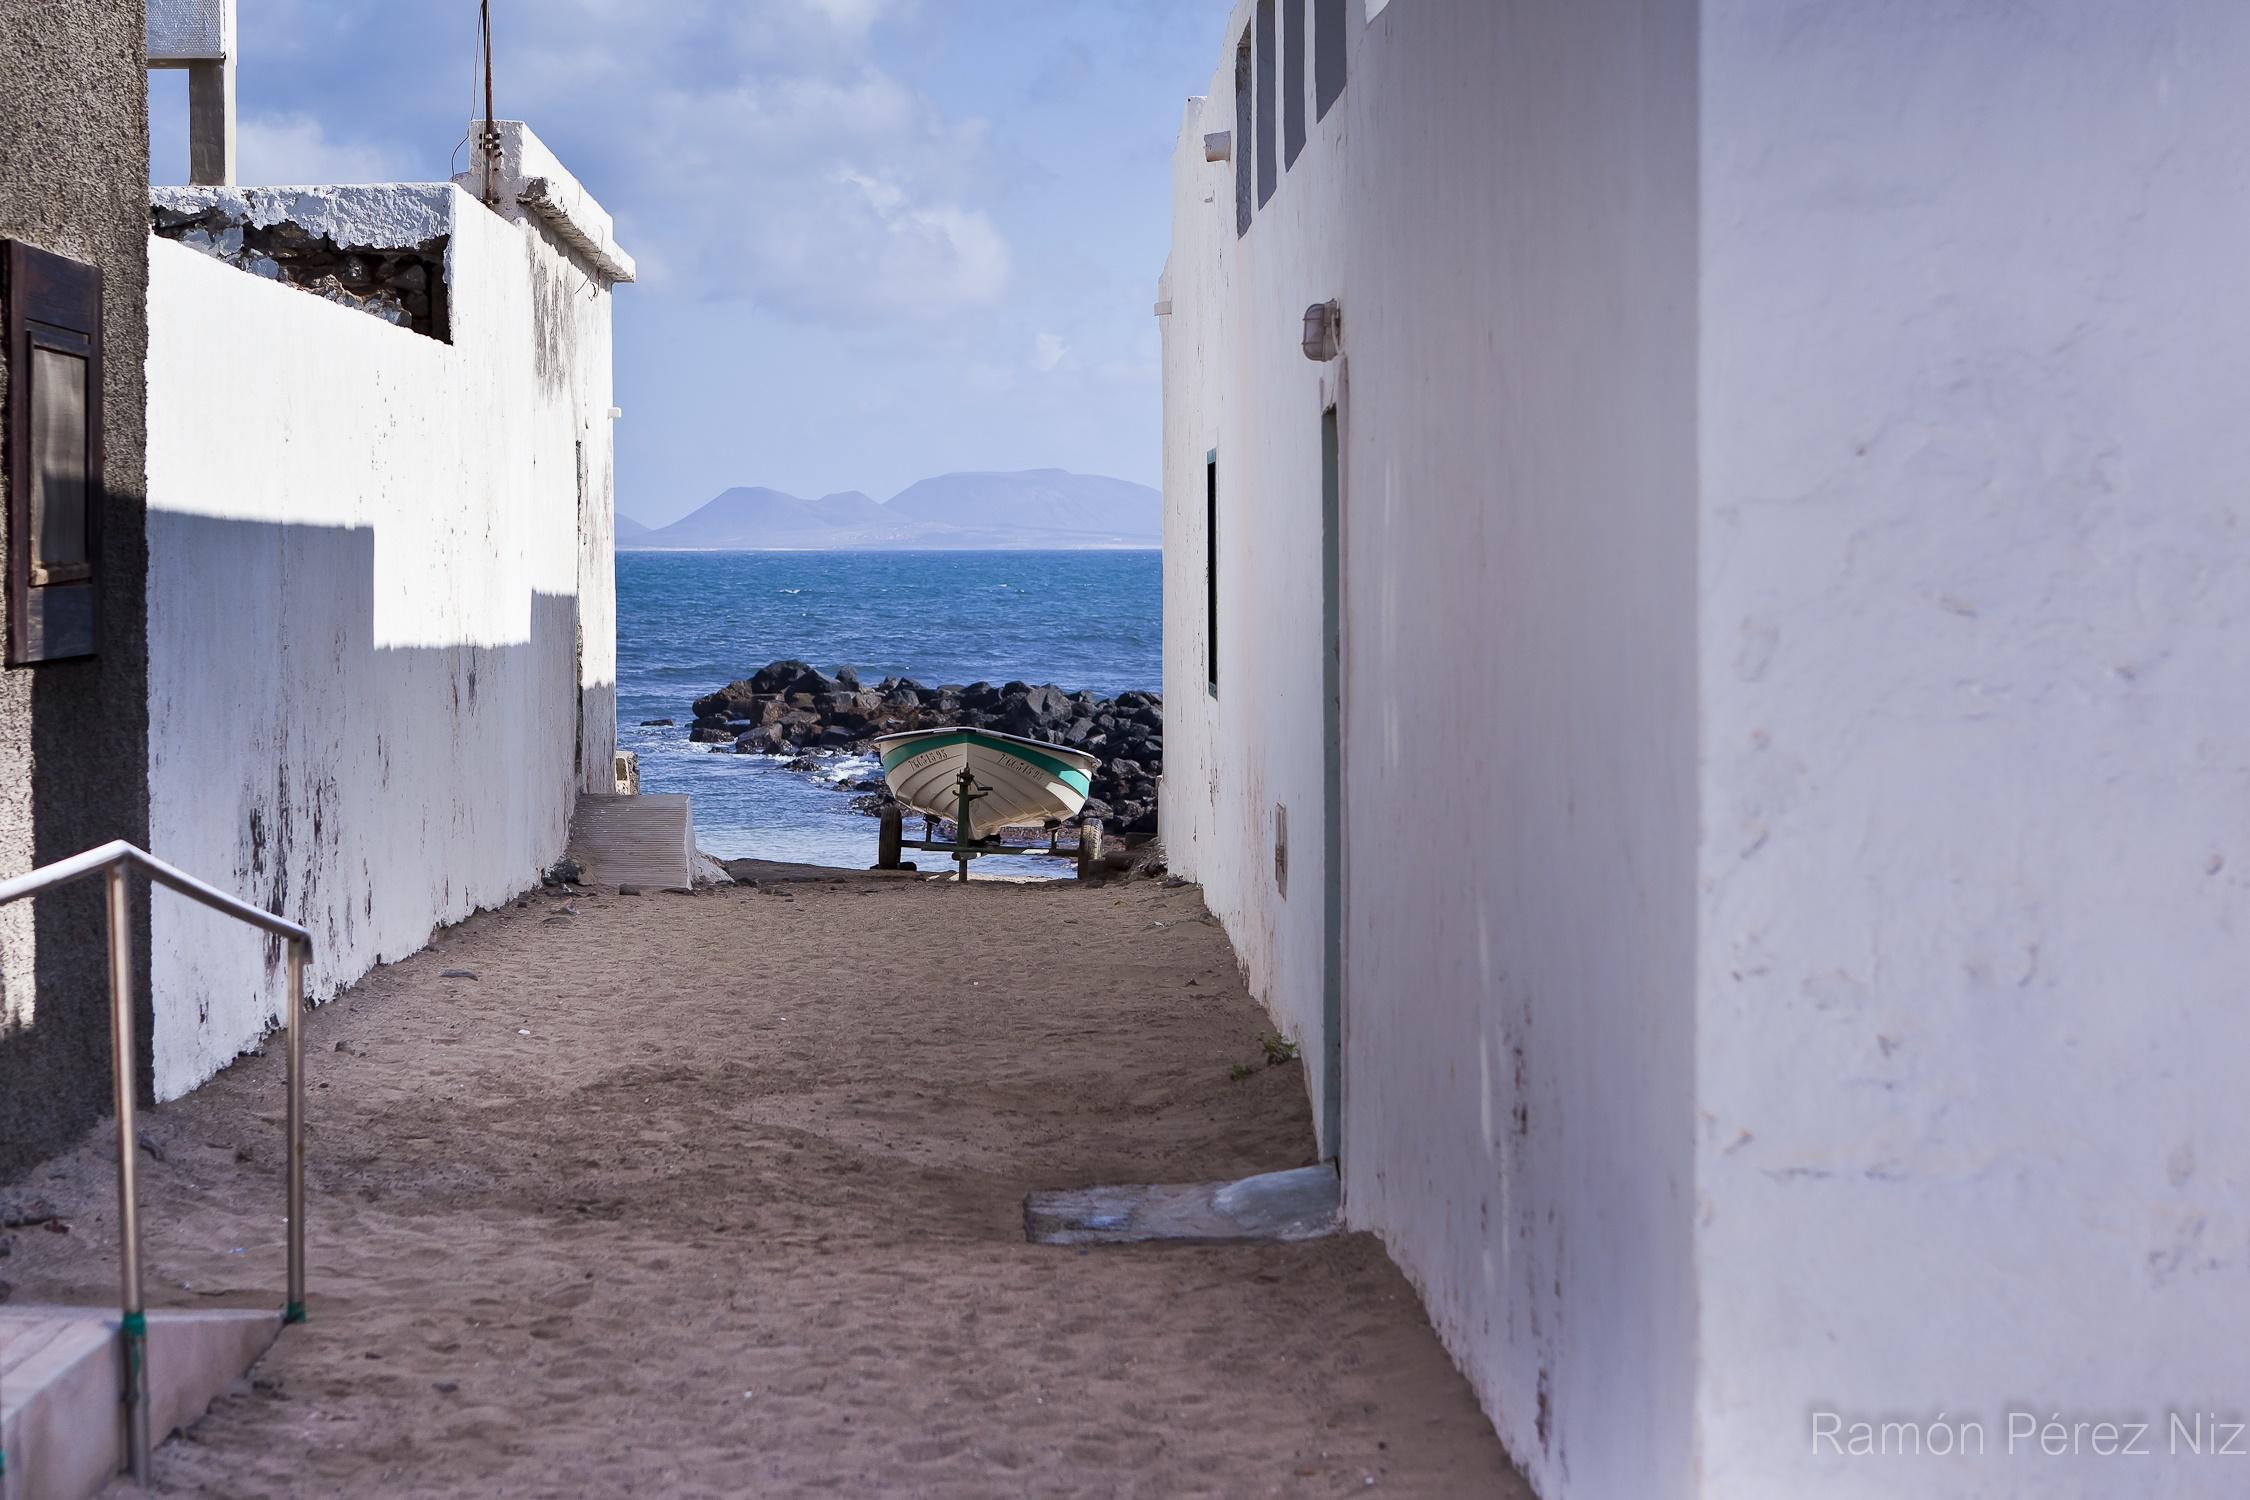 Caleta de Famara